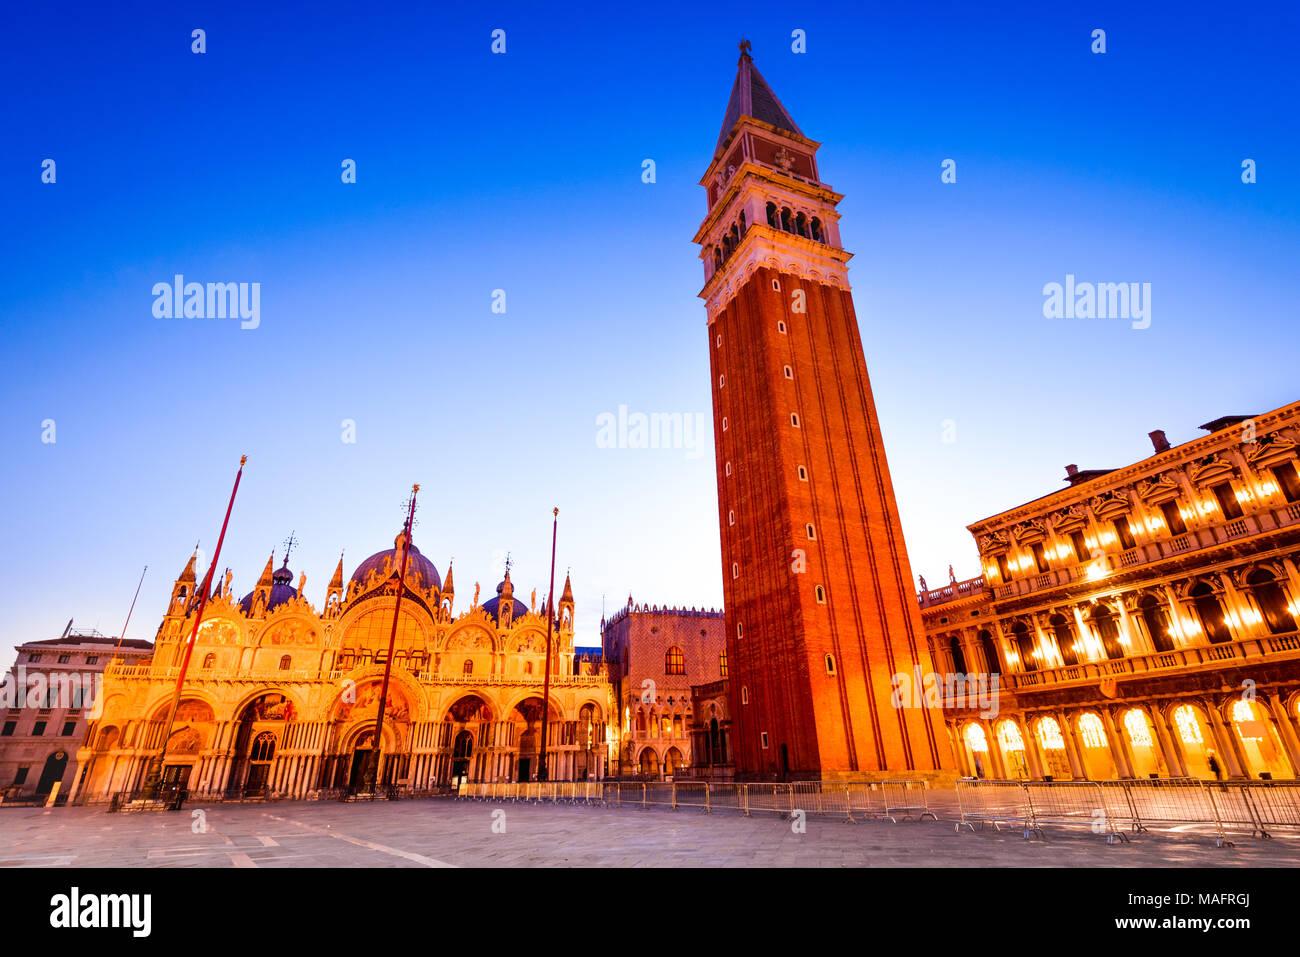 Venecia, Italia. Impresionante luz crepuscular con el Campanile y la Basílica de San Marcos de Venecia, mañana. Imagen De Stock